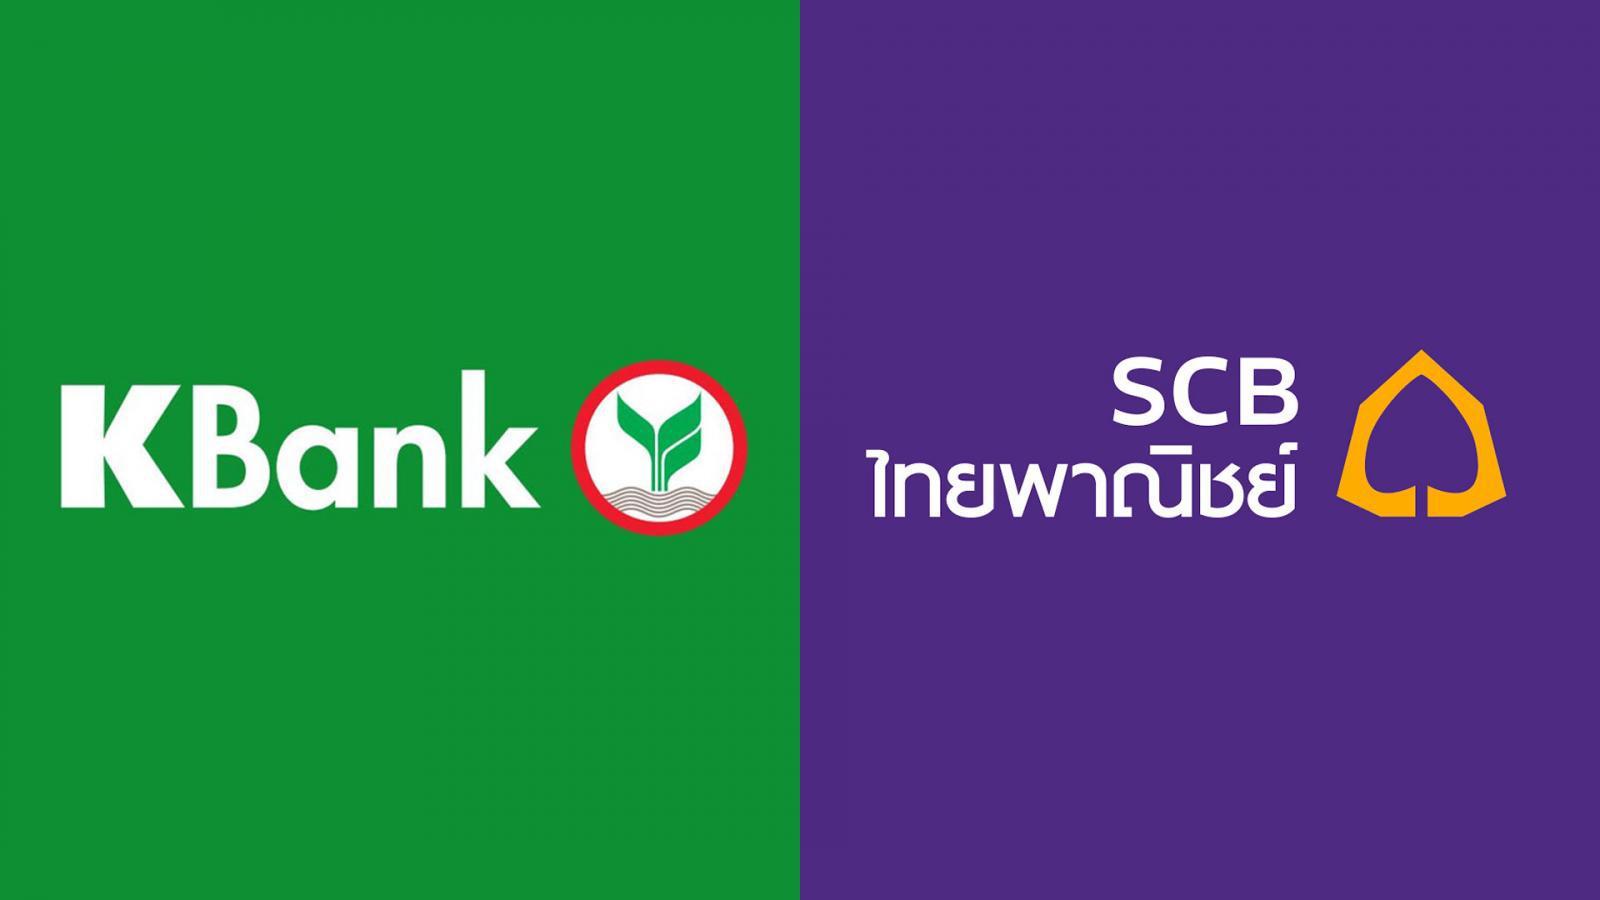 """""""กสิกรไทย – ไทยพาณิชย์"""" ปรับลดดอกเบี้ยเงินกู้ – เงินฝาก 0.25%"""